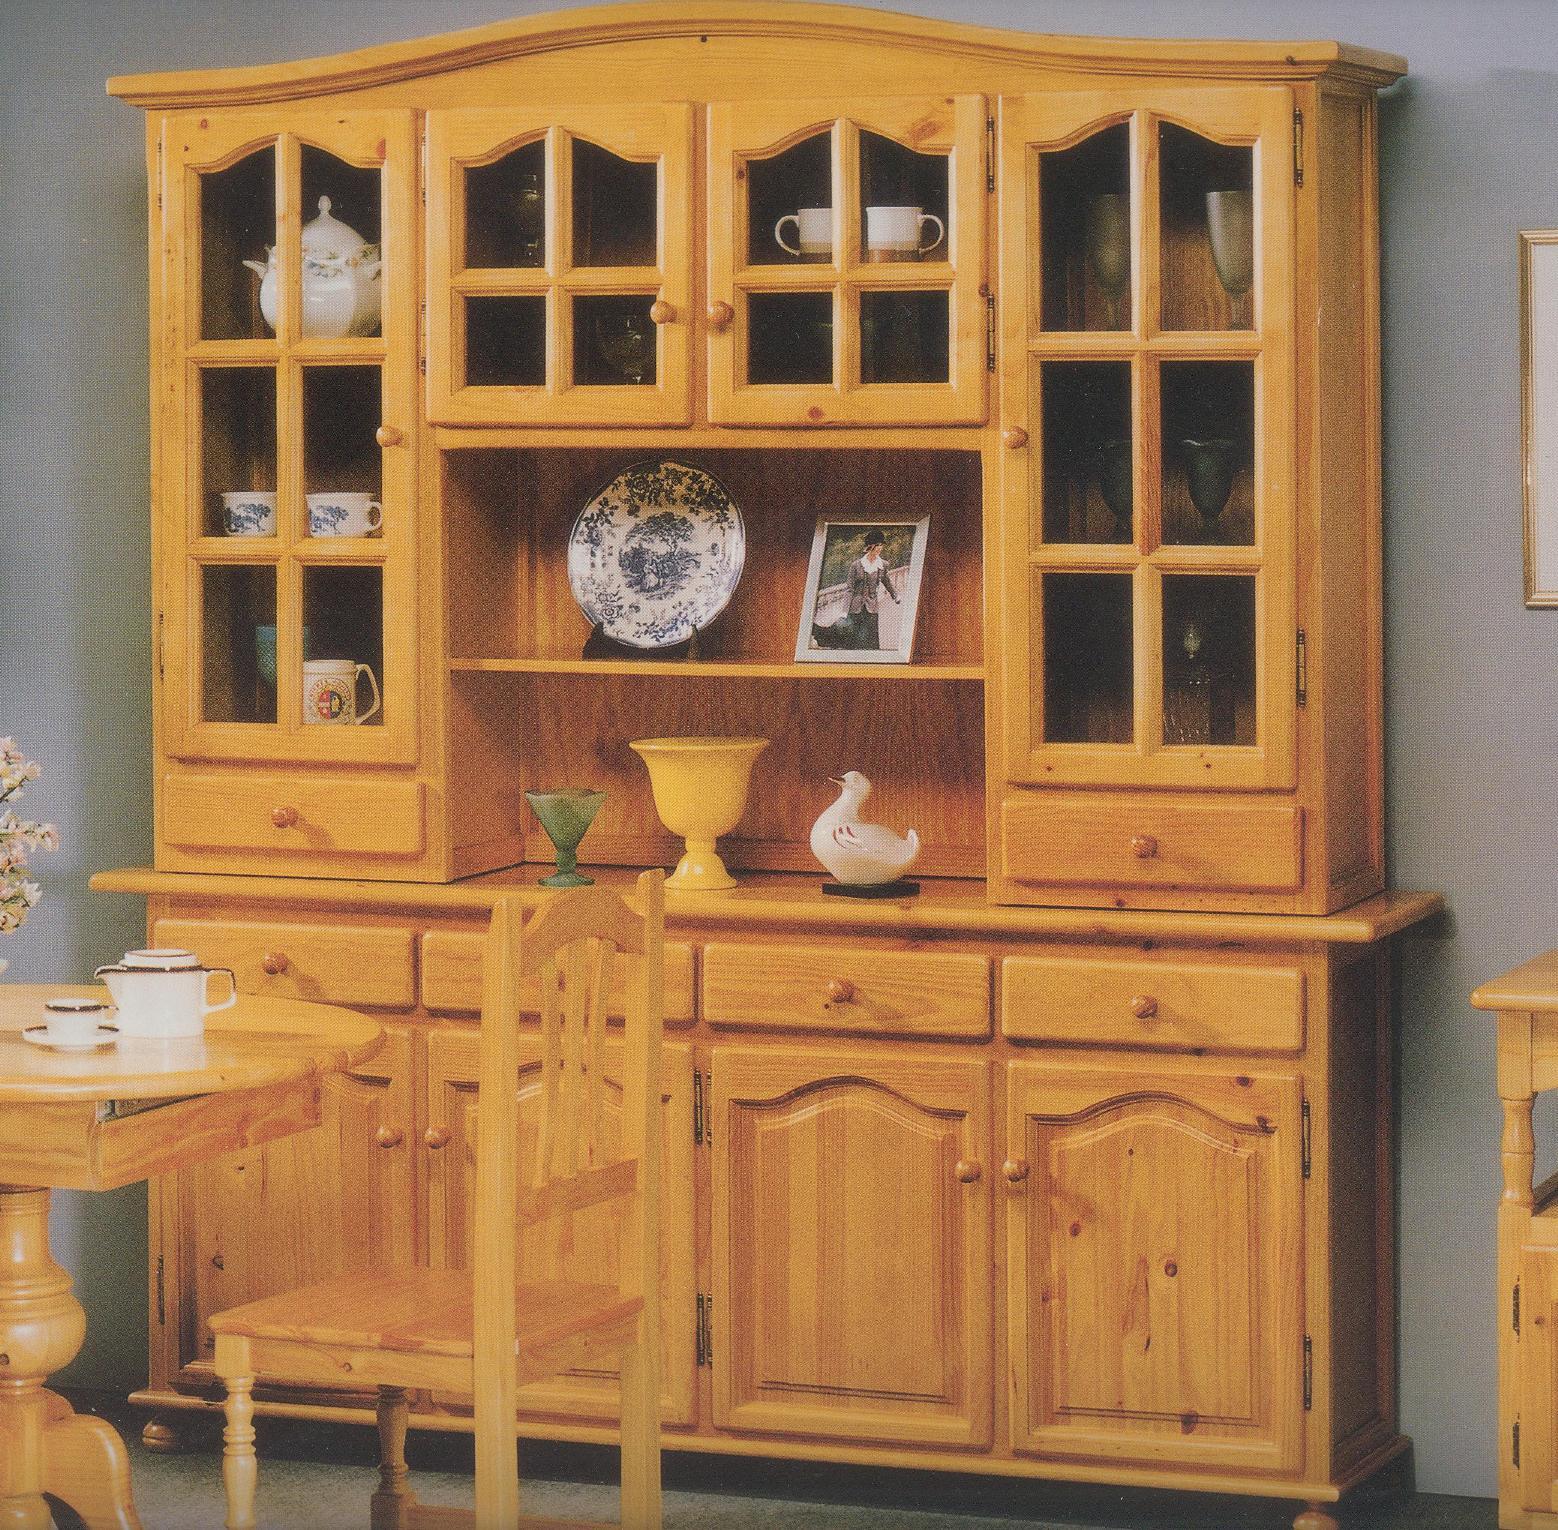 Muebles arcecoll rustiko y provenzal for Muebles estilo provenzal